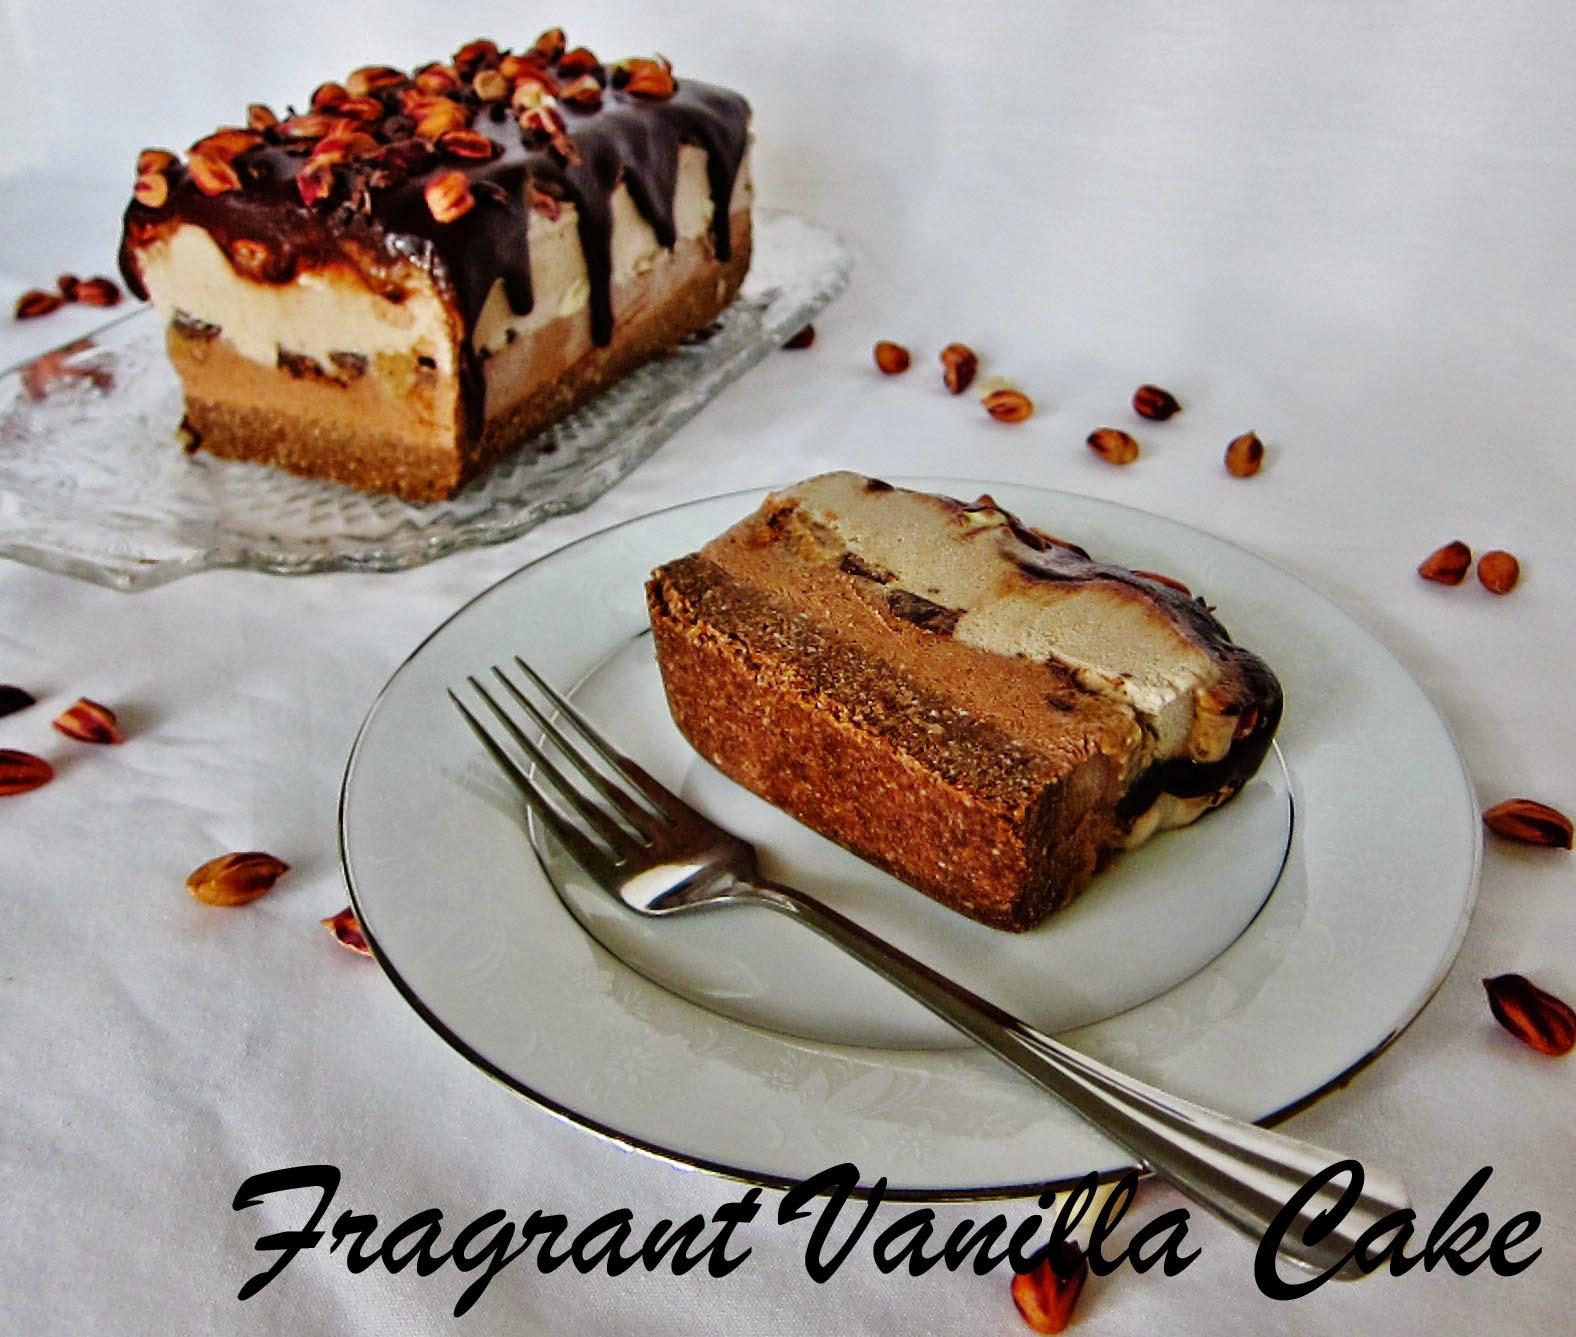 Fragrant Vanilla Cake: Raw Snickers Ice Cream Cake